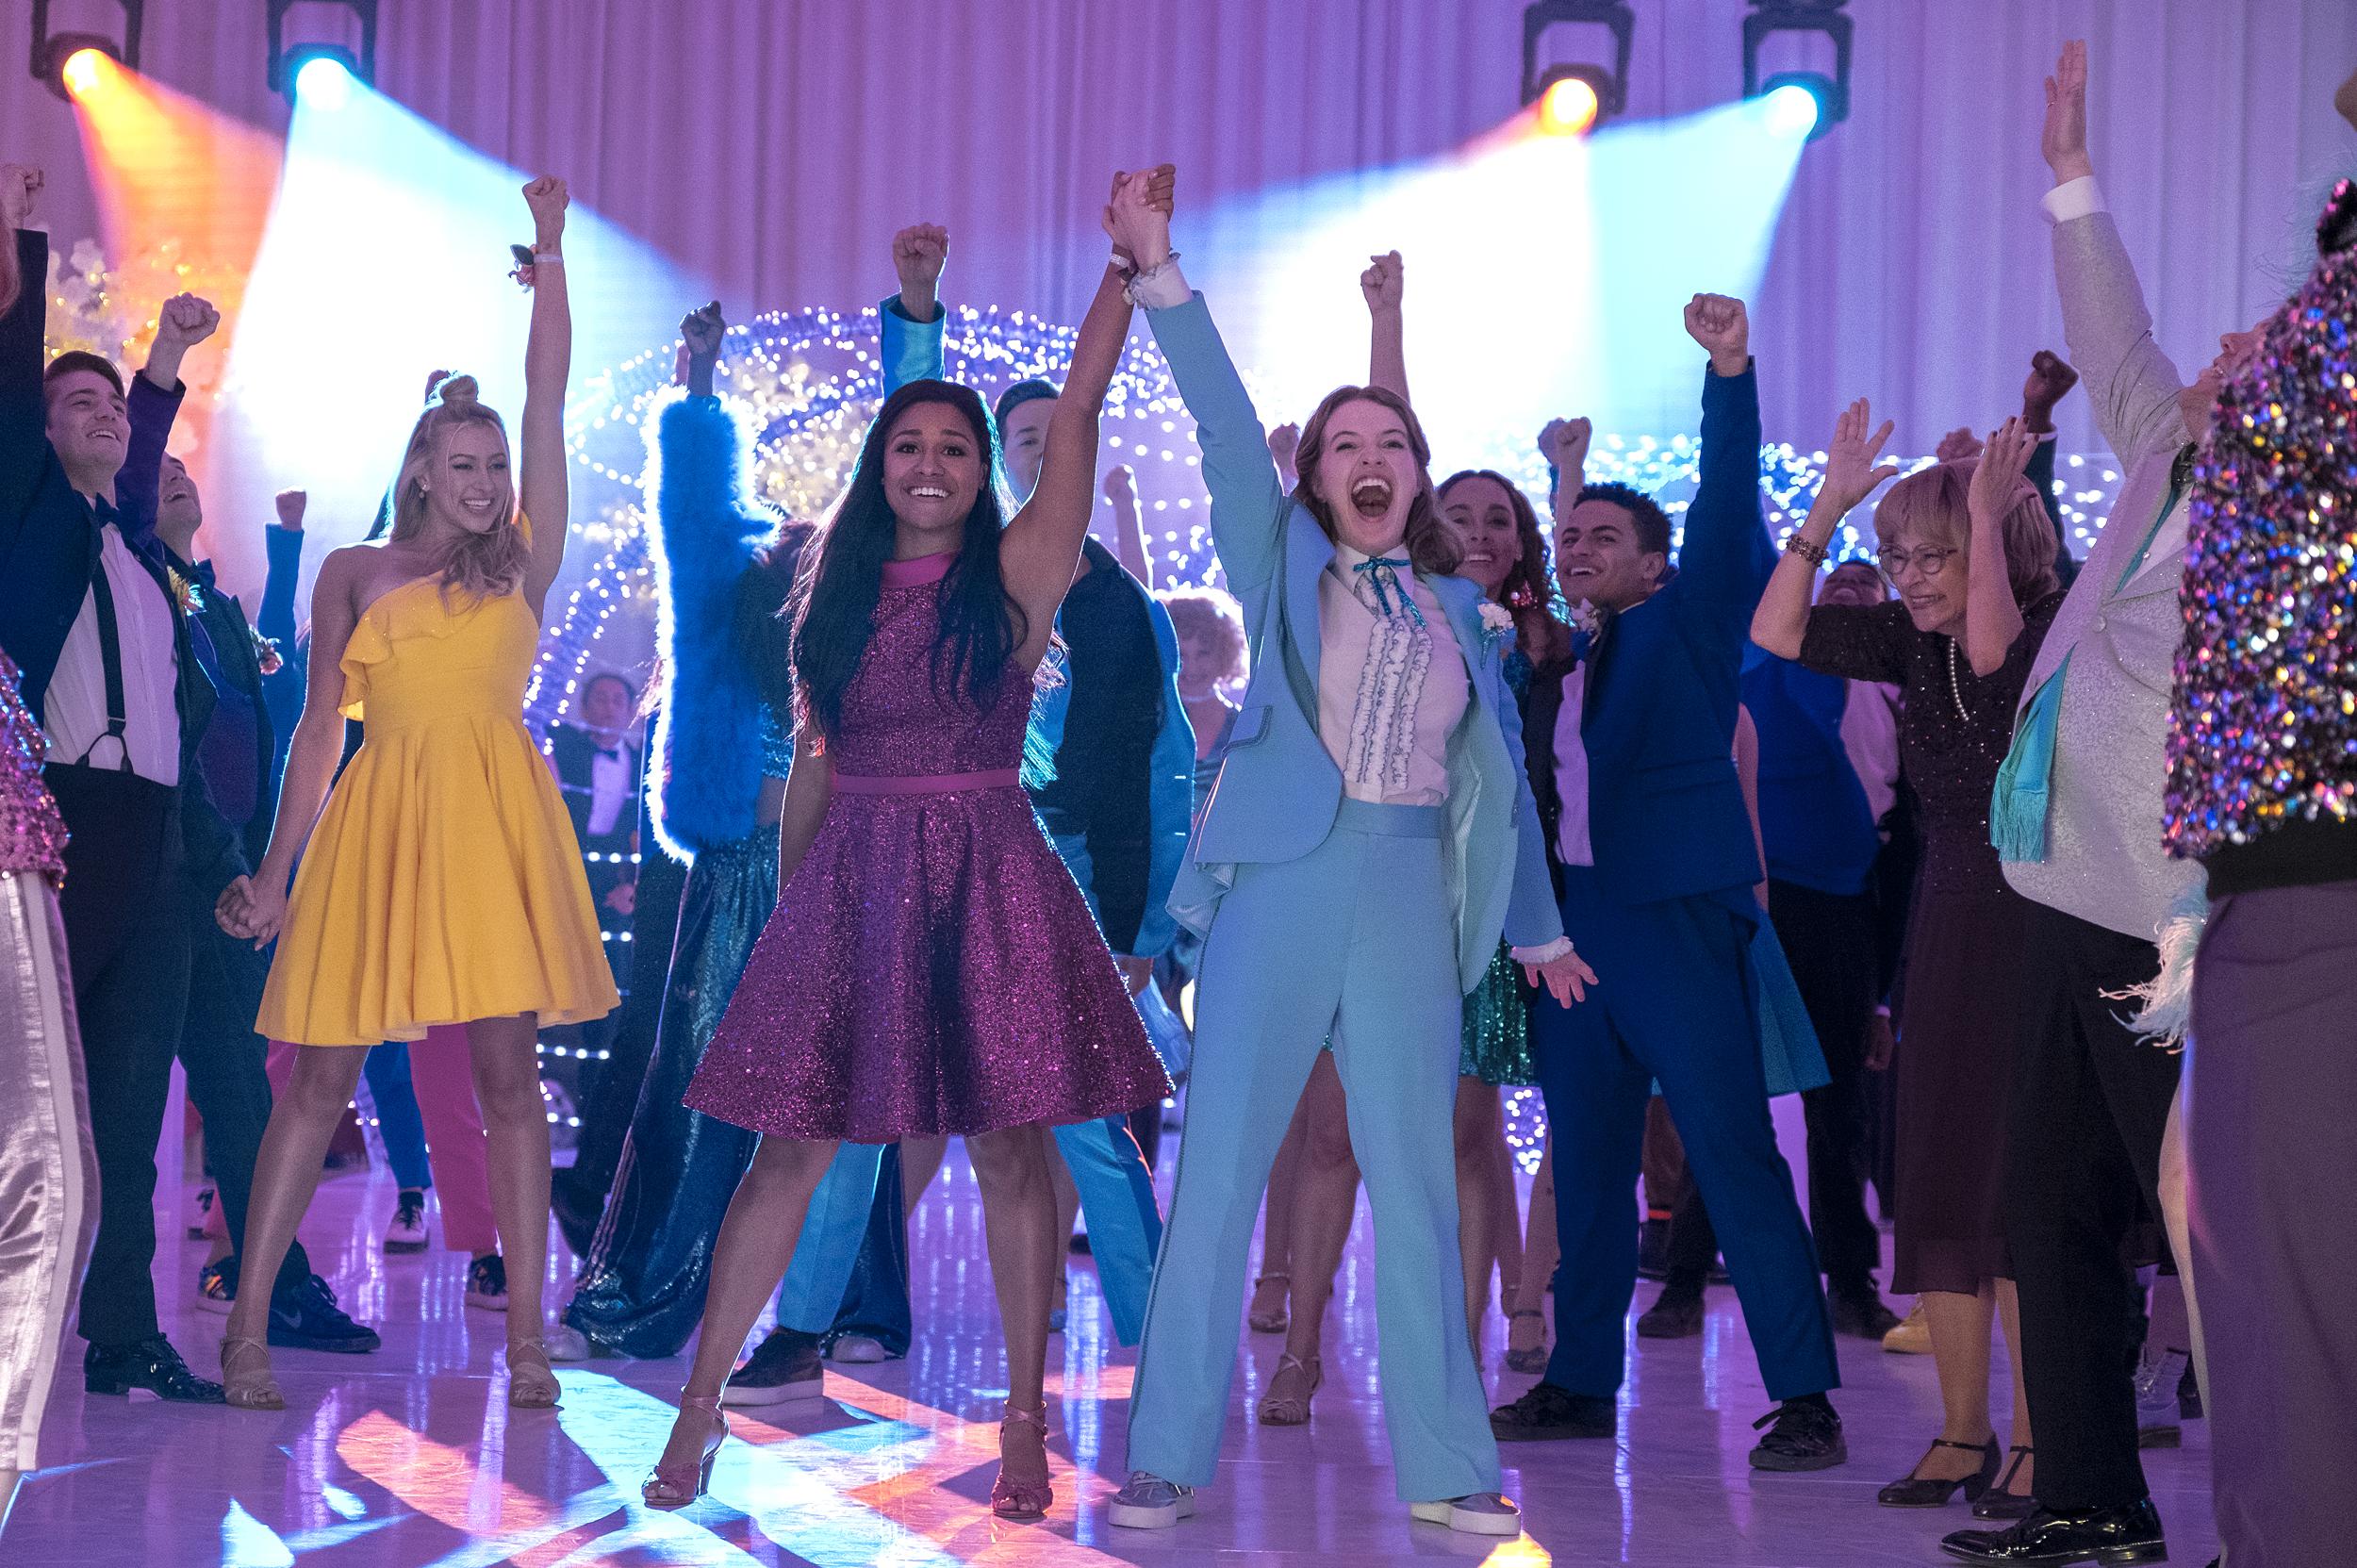 Cena do filme A Festa de Formatura. Mostra vários personagens no meio de uma pista de dança com os braços para cima. Ao centro as personagens Alyssa, de vestido roxo e cabelos pretos soltos, e Emma, de terno azul e cabelos ruivos soltos, erguem suas mãos unidas.